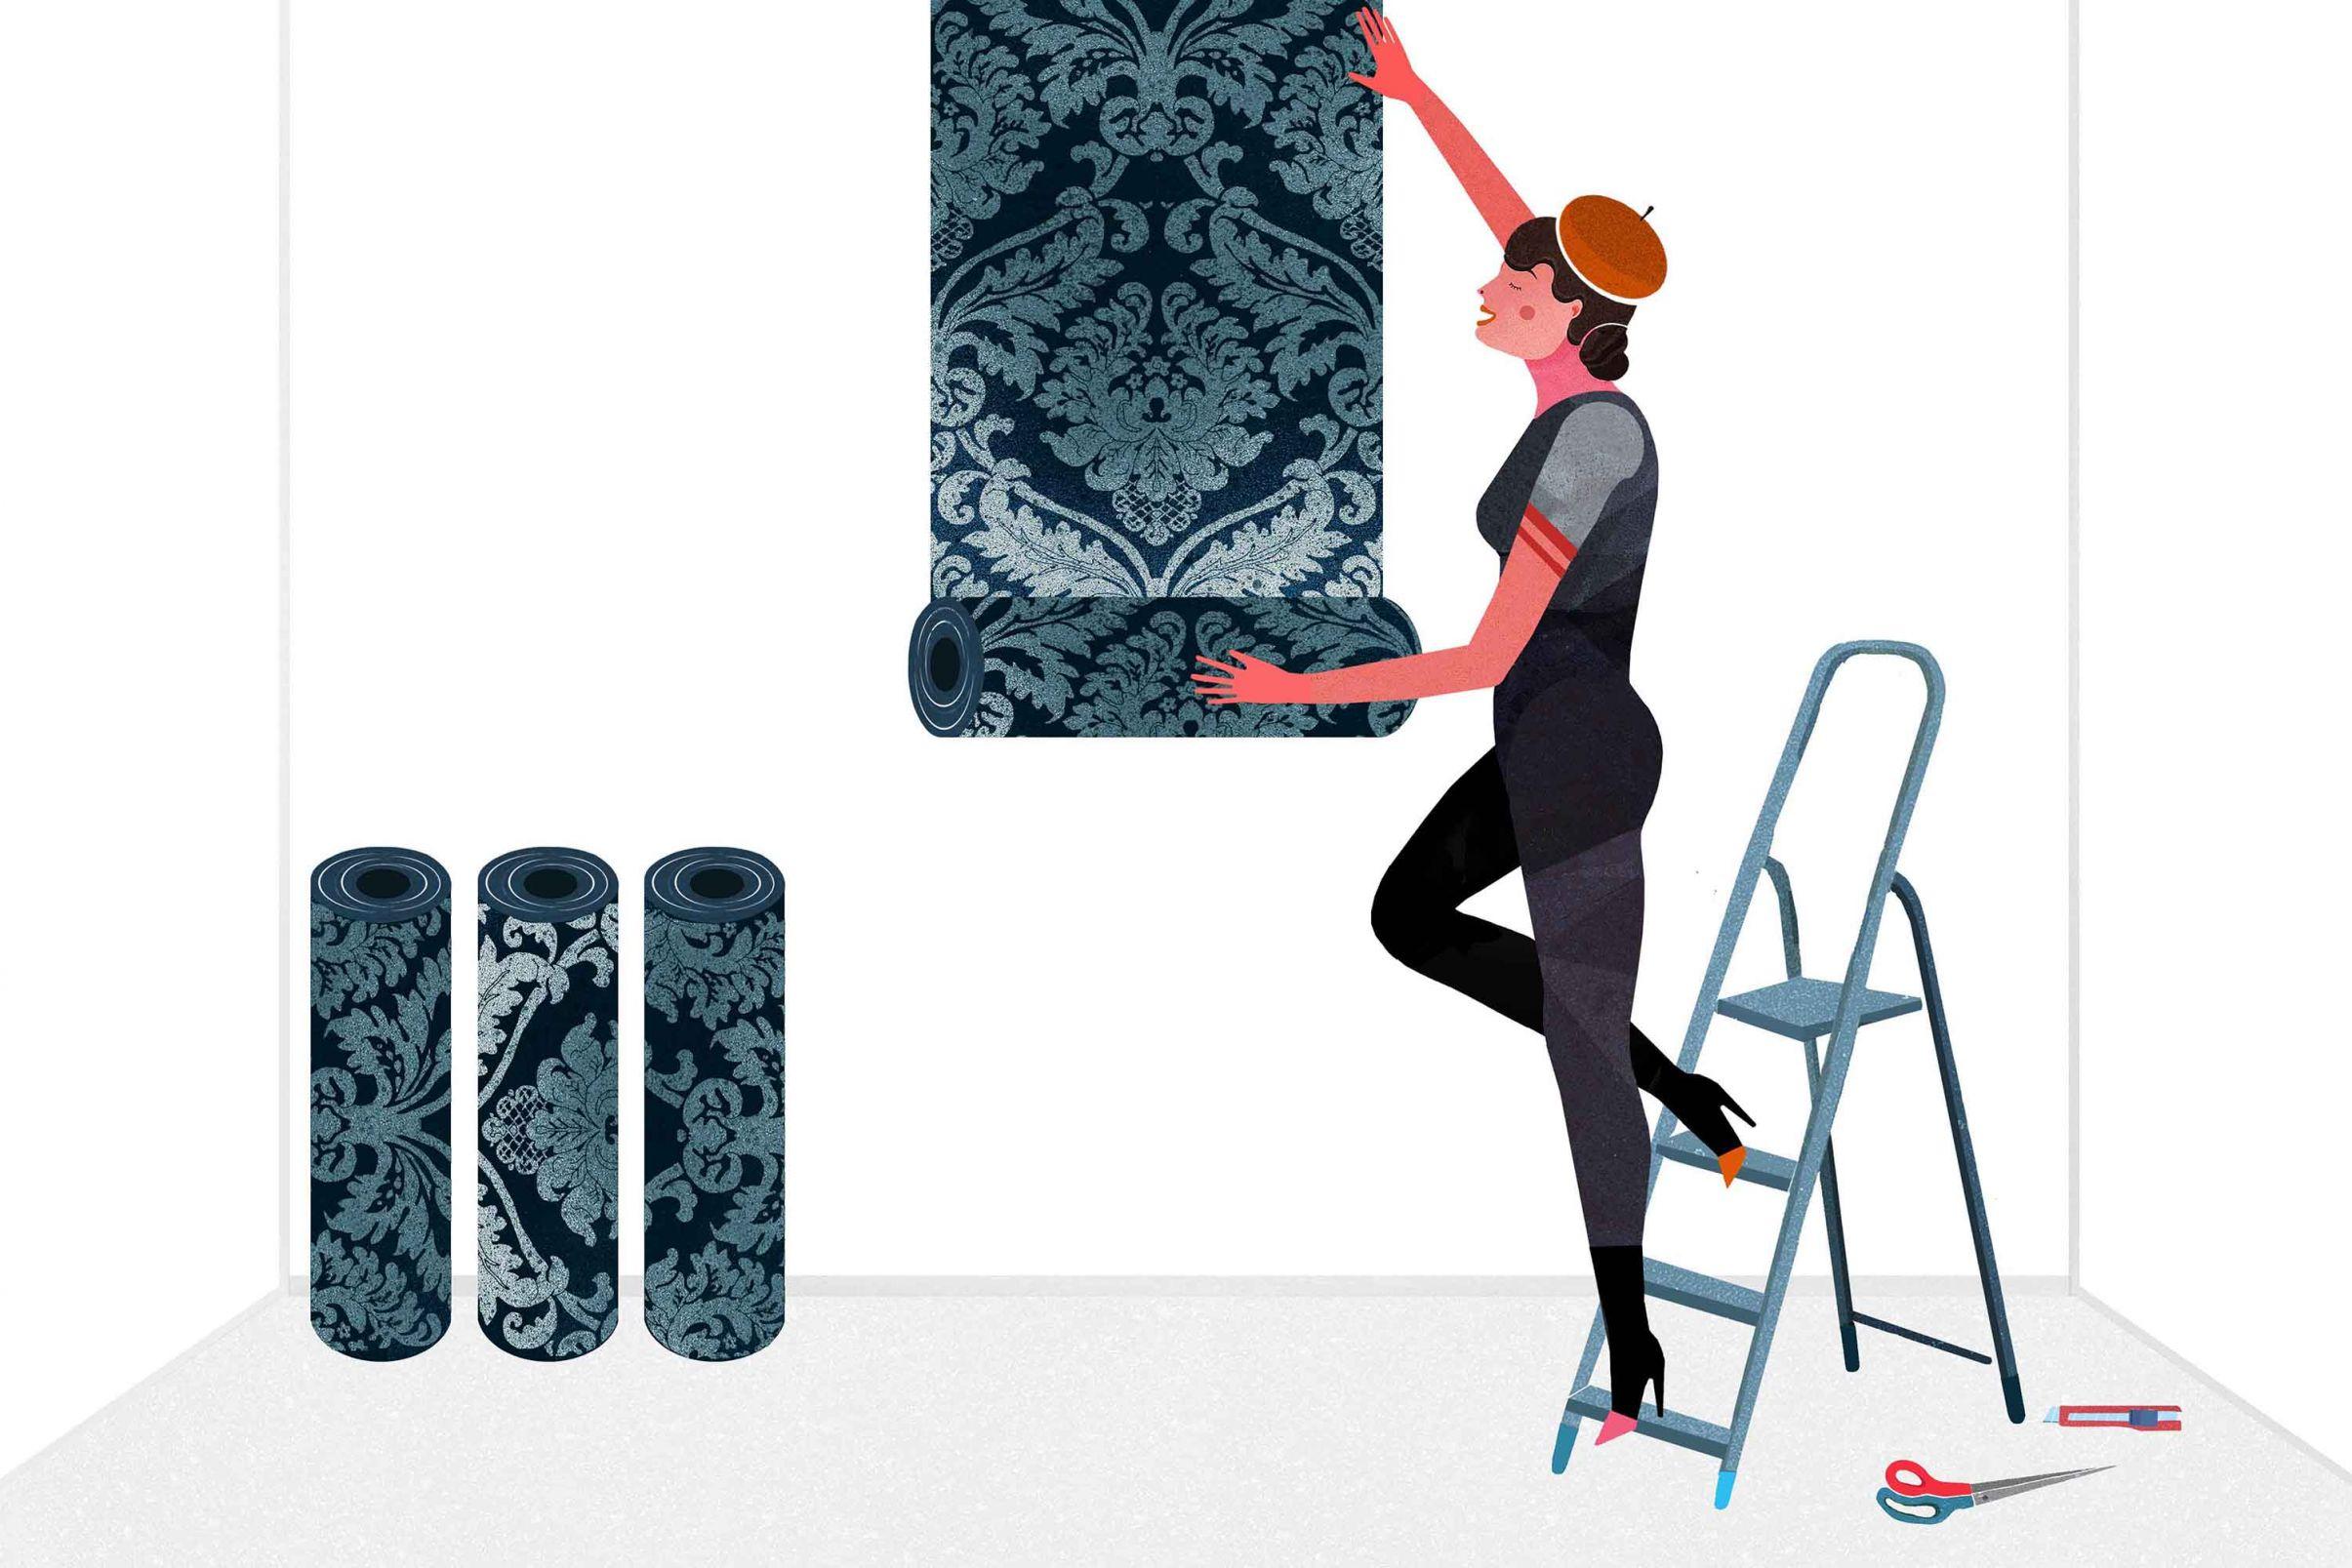 Como-cortar-papel-de-parede-corretamente-Determinar-o-inicio-do-padrao